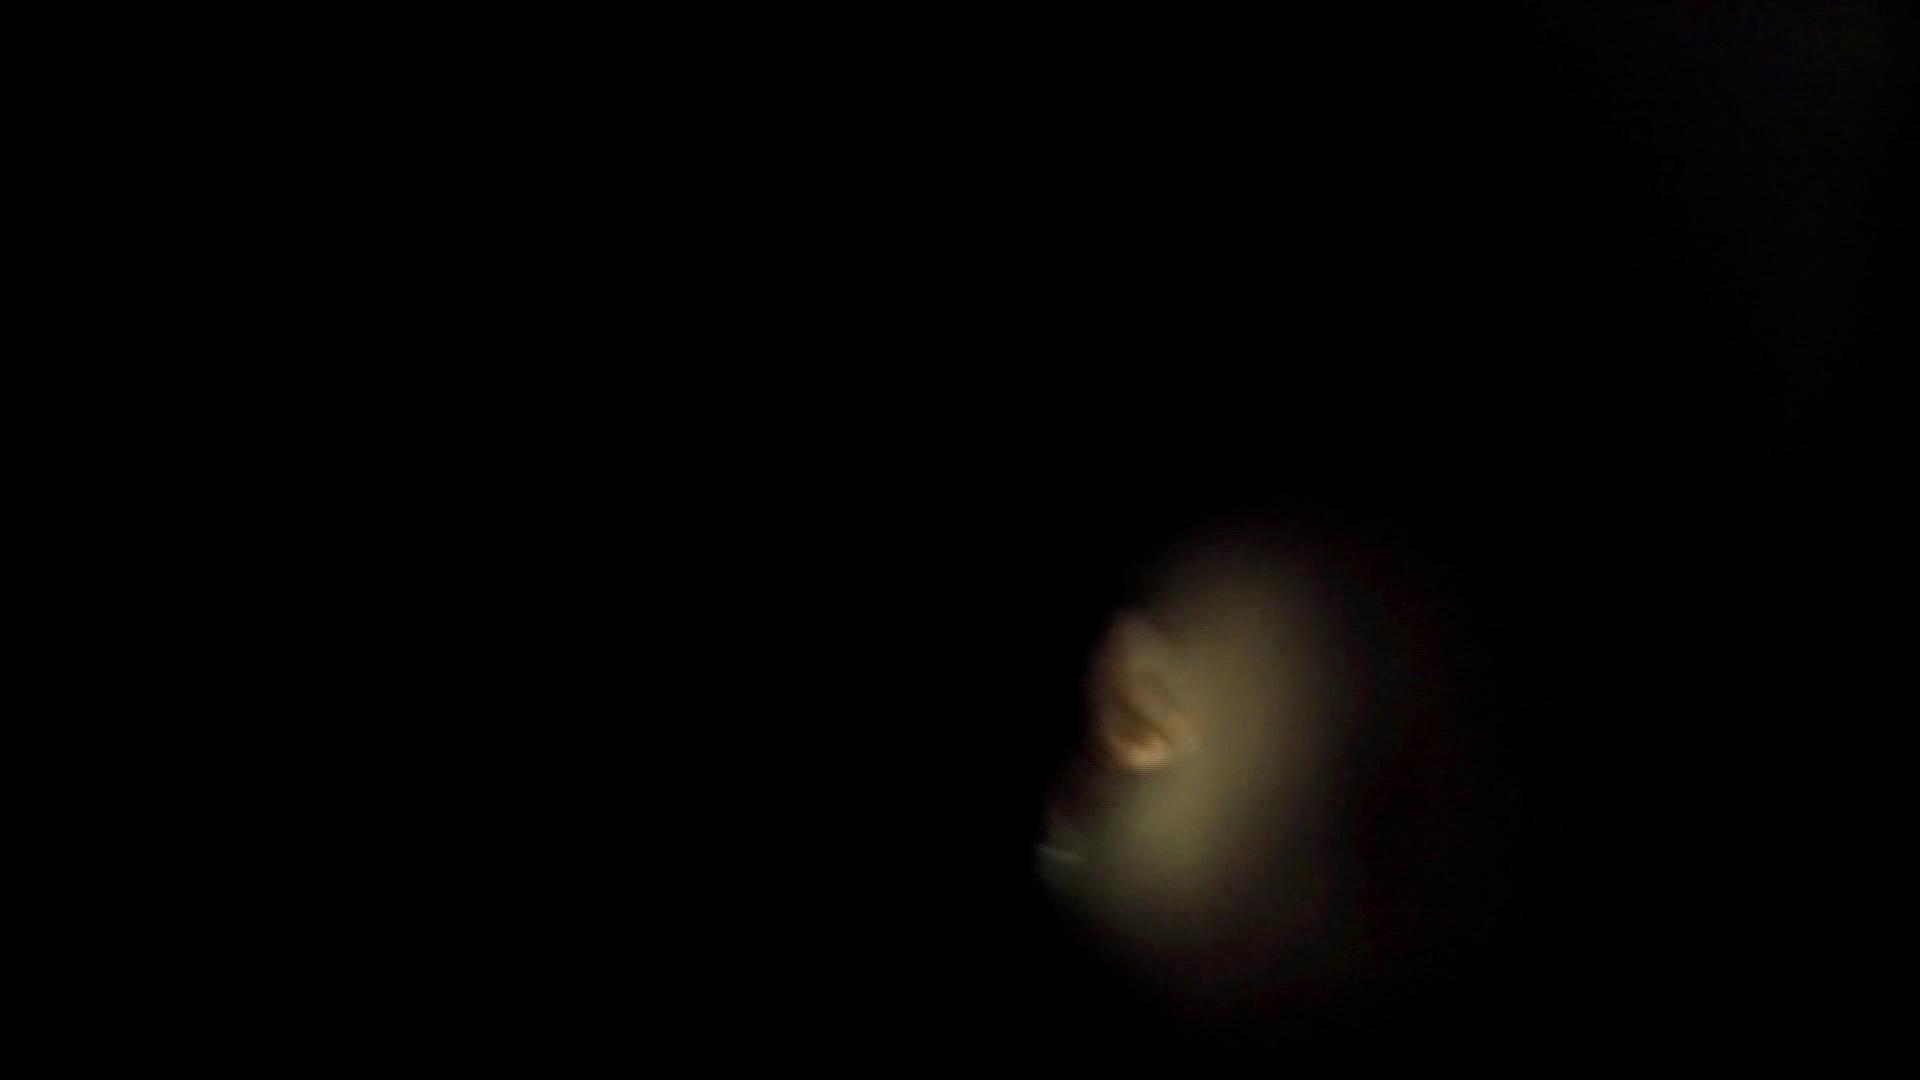 ステーション編 vol46 美女のアップが盛りだくさん。 丸見えマンコ   高画質  51画像 19